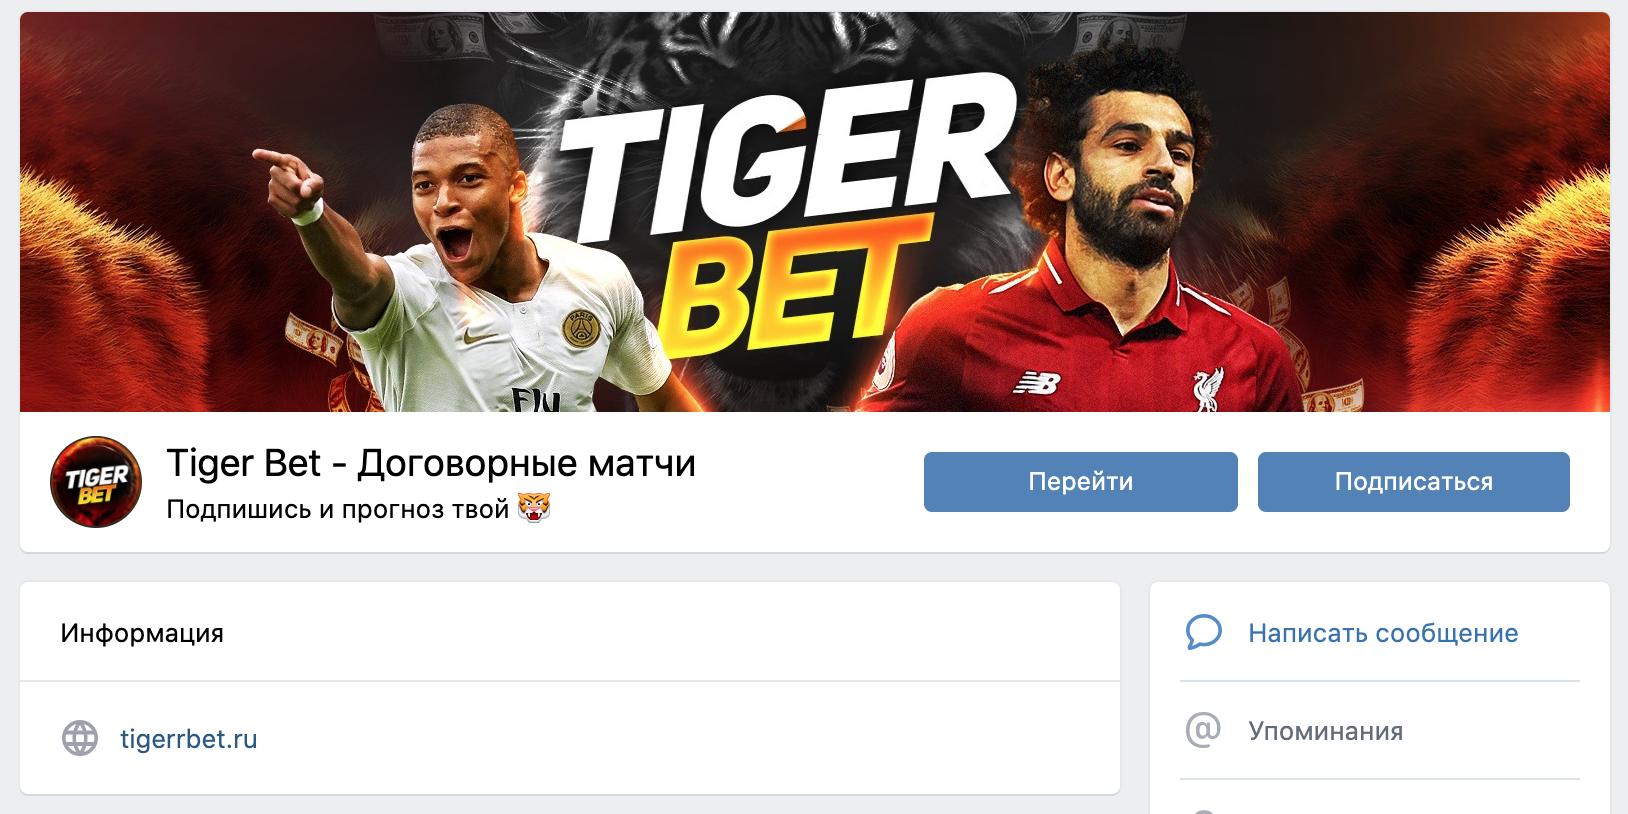 Группа ВК Tiger bet